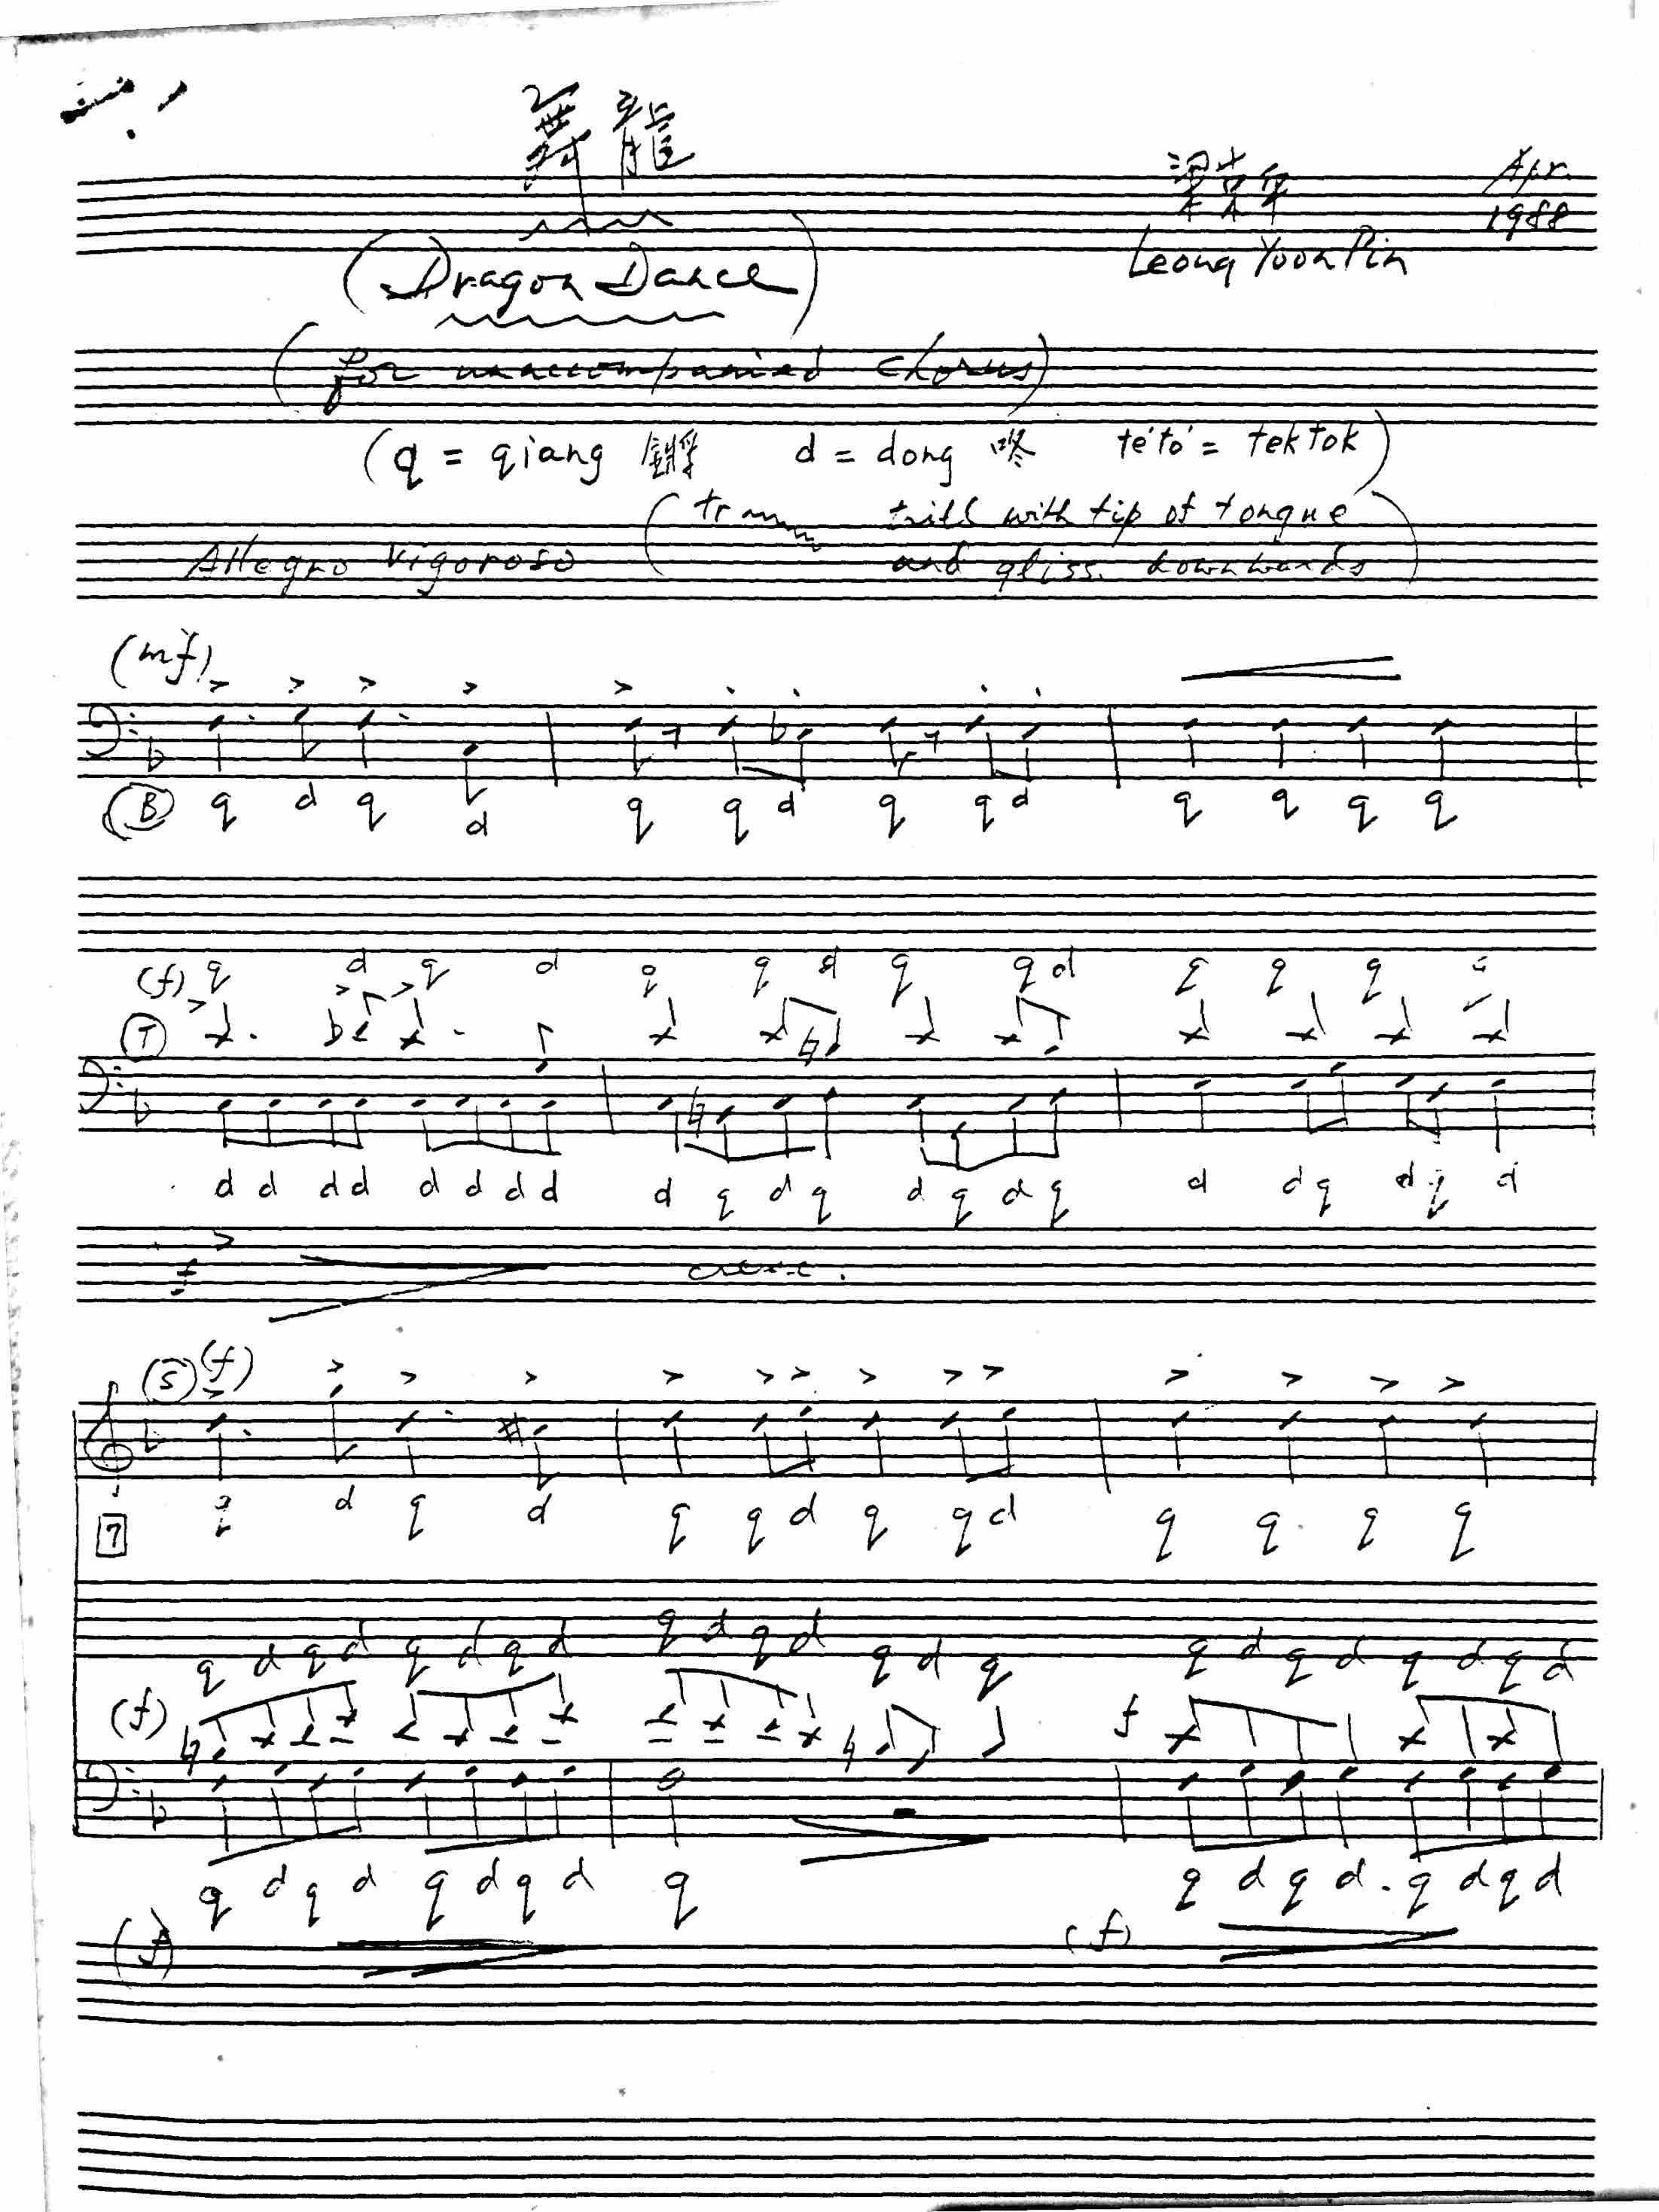 Dragon Dance, manuscript – page 1